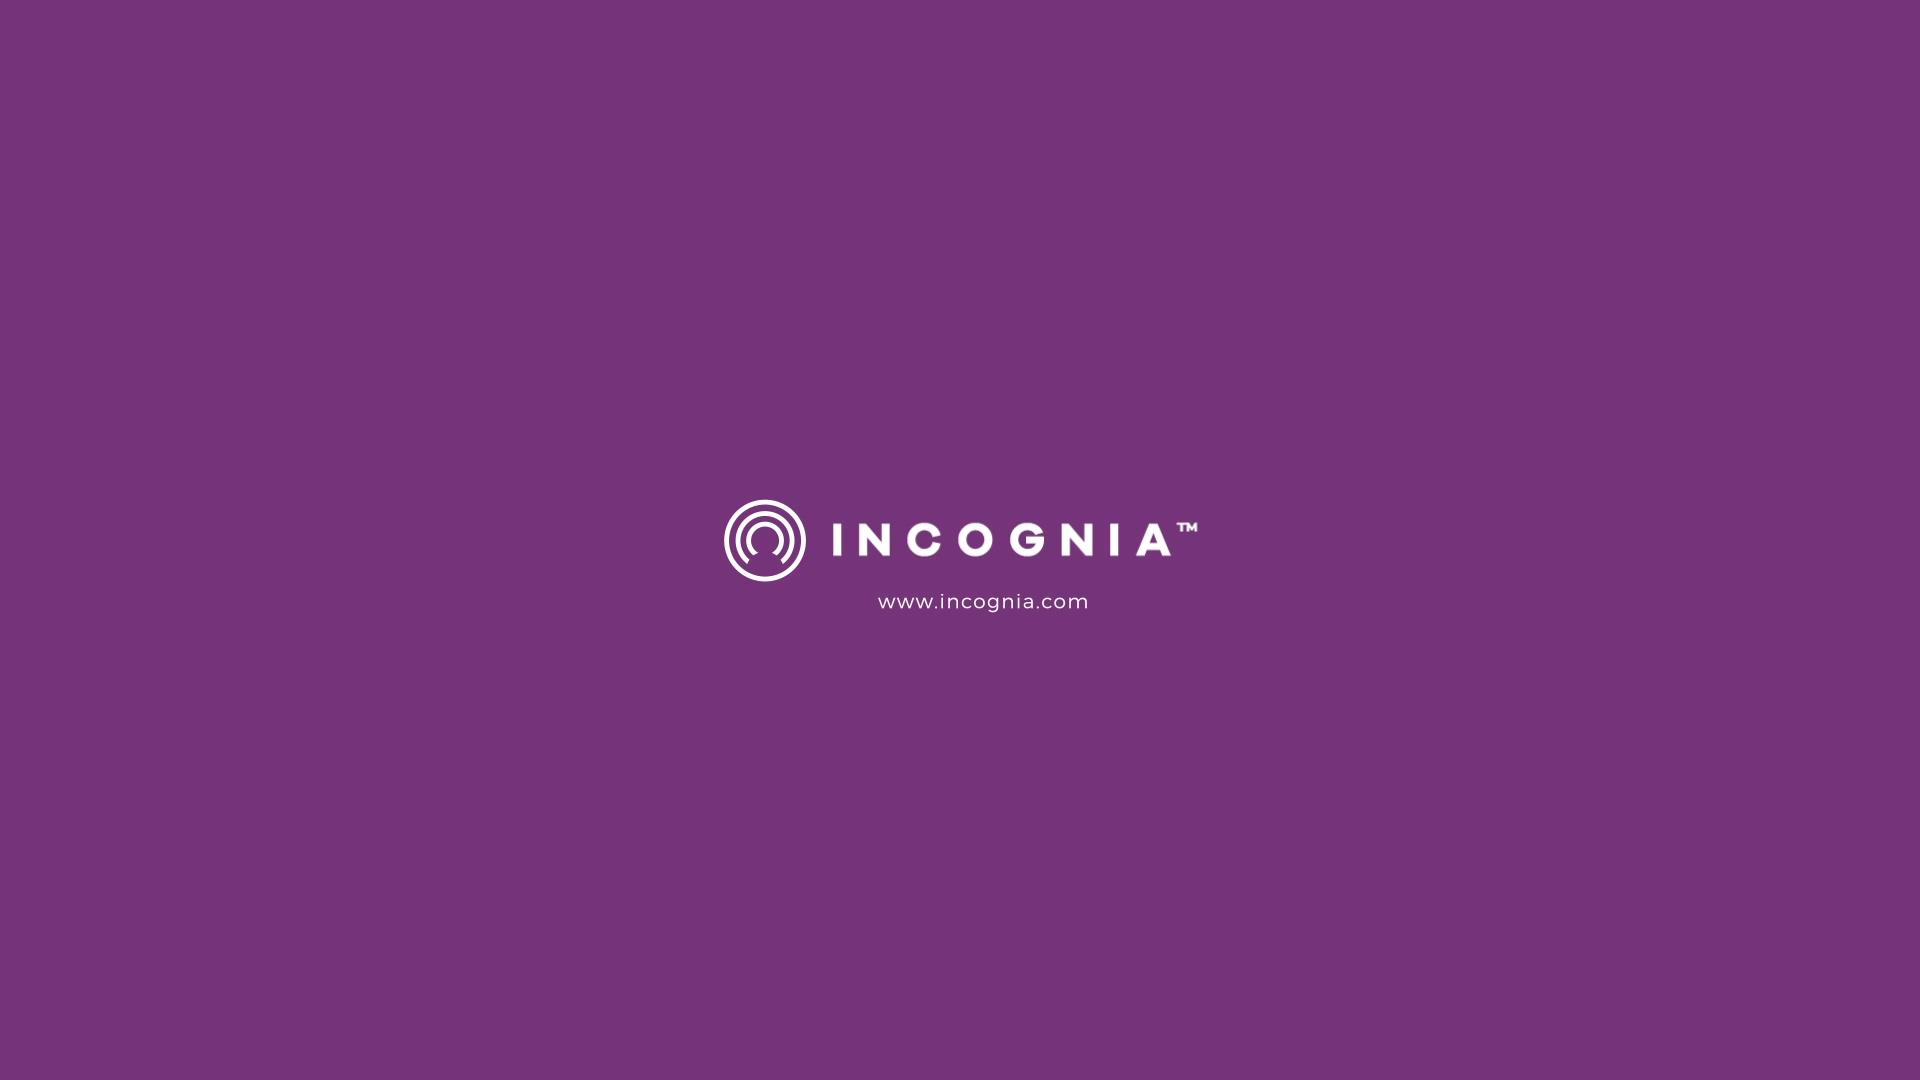 __INCOGNIA_V09